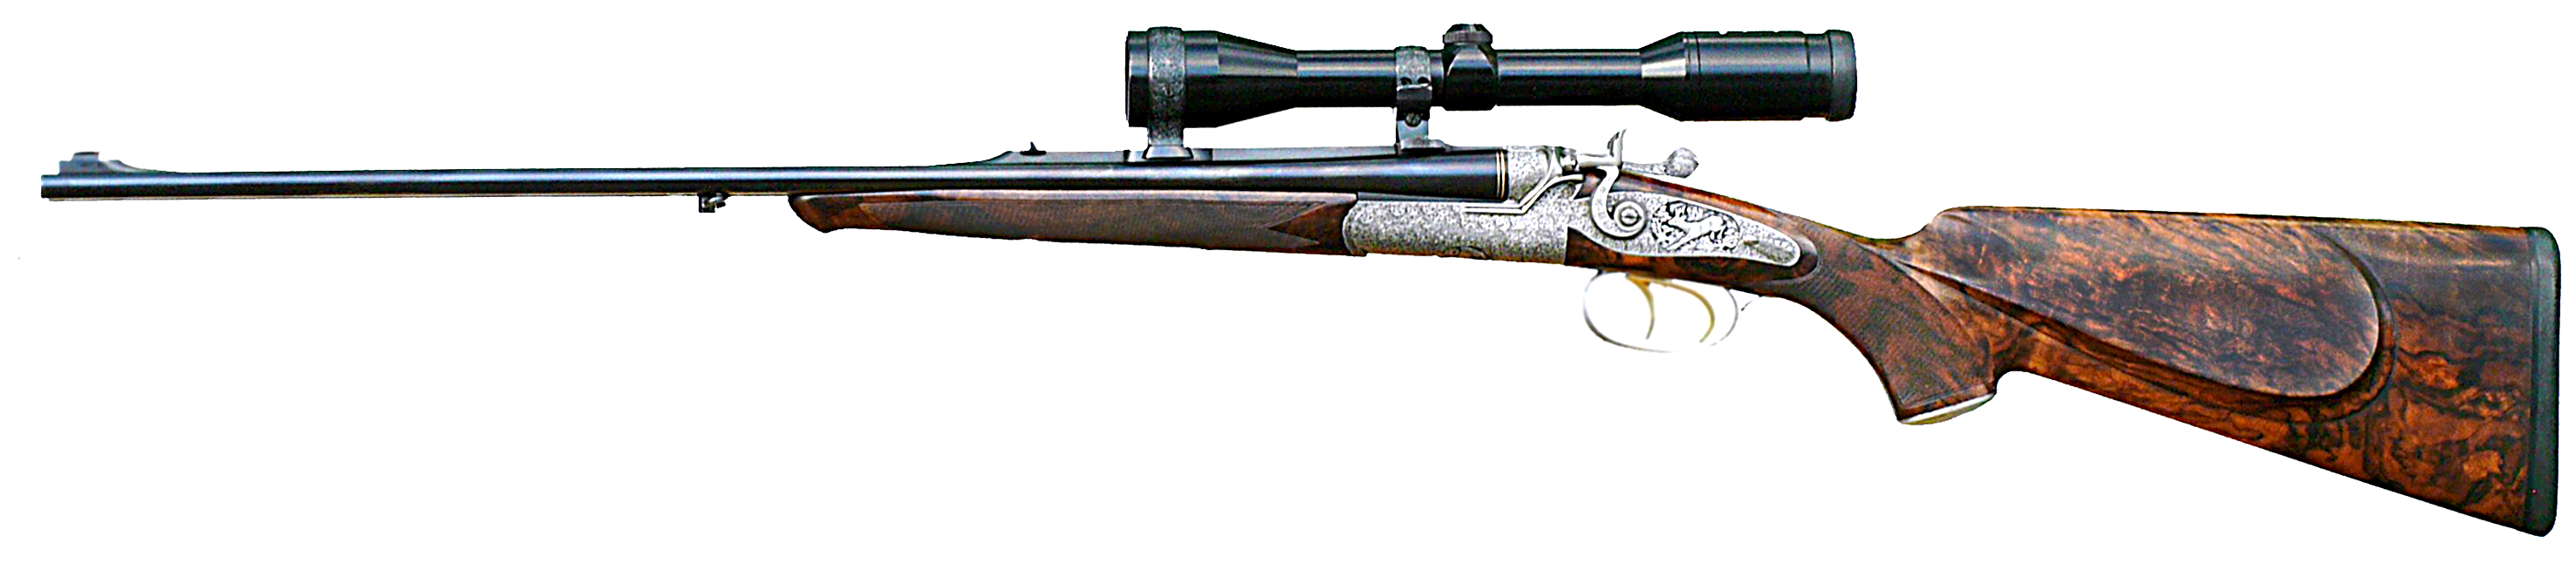 Pritz-systems Hammer-Gun   Pritz Systeme